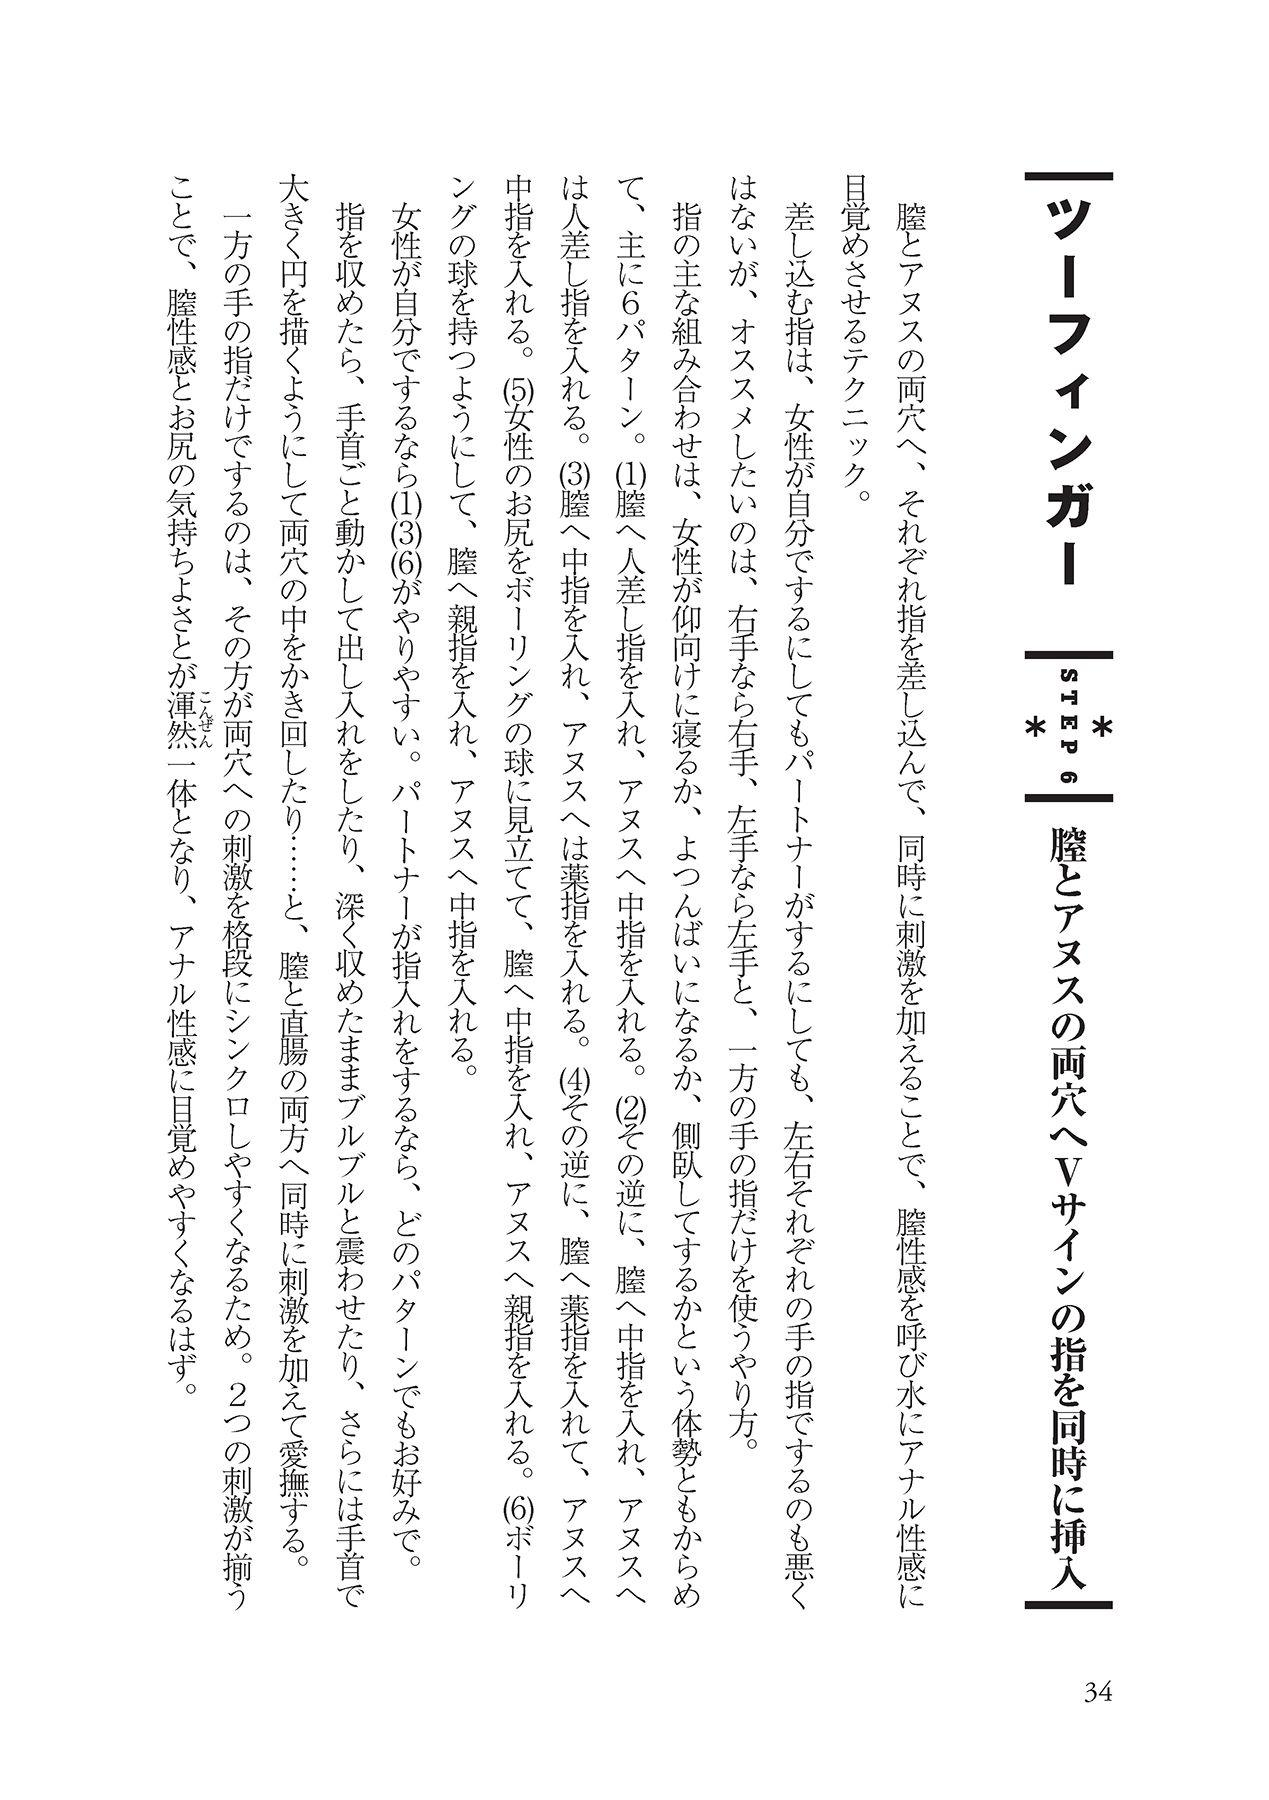 アナル性感開発・お尻エッチ 完全マニュアル 35